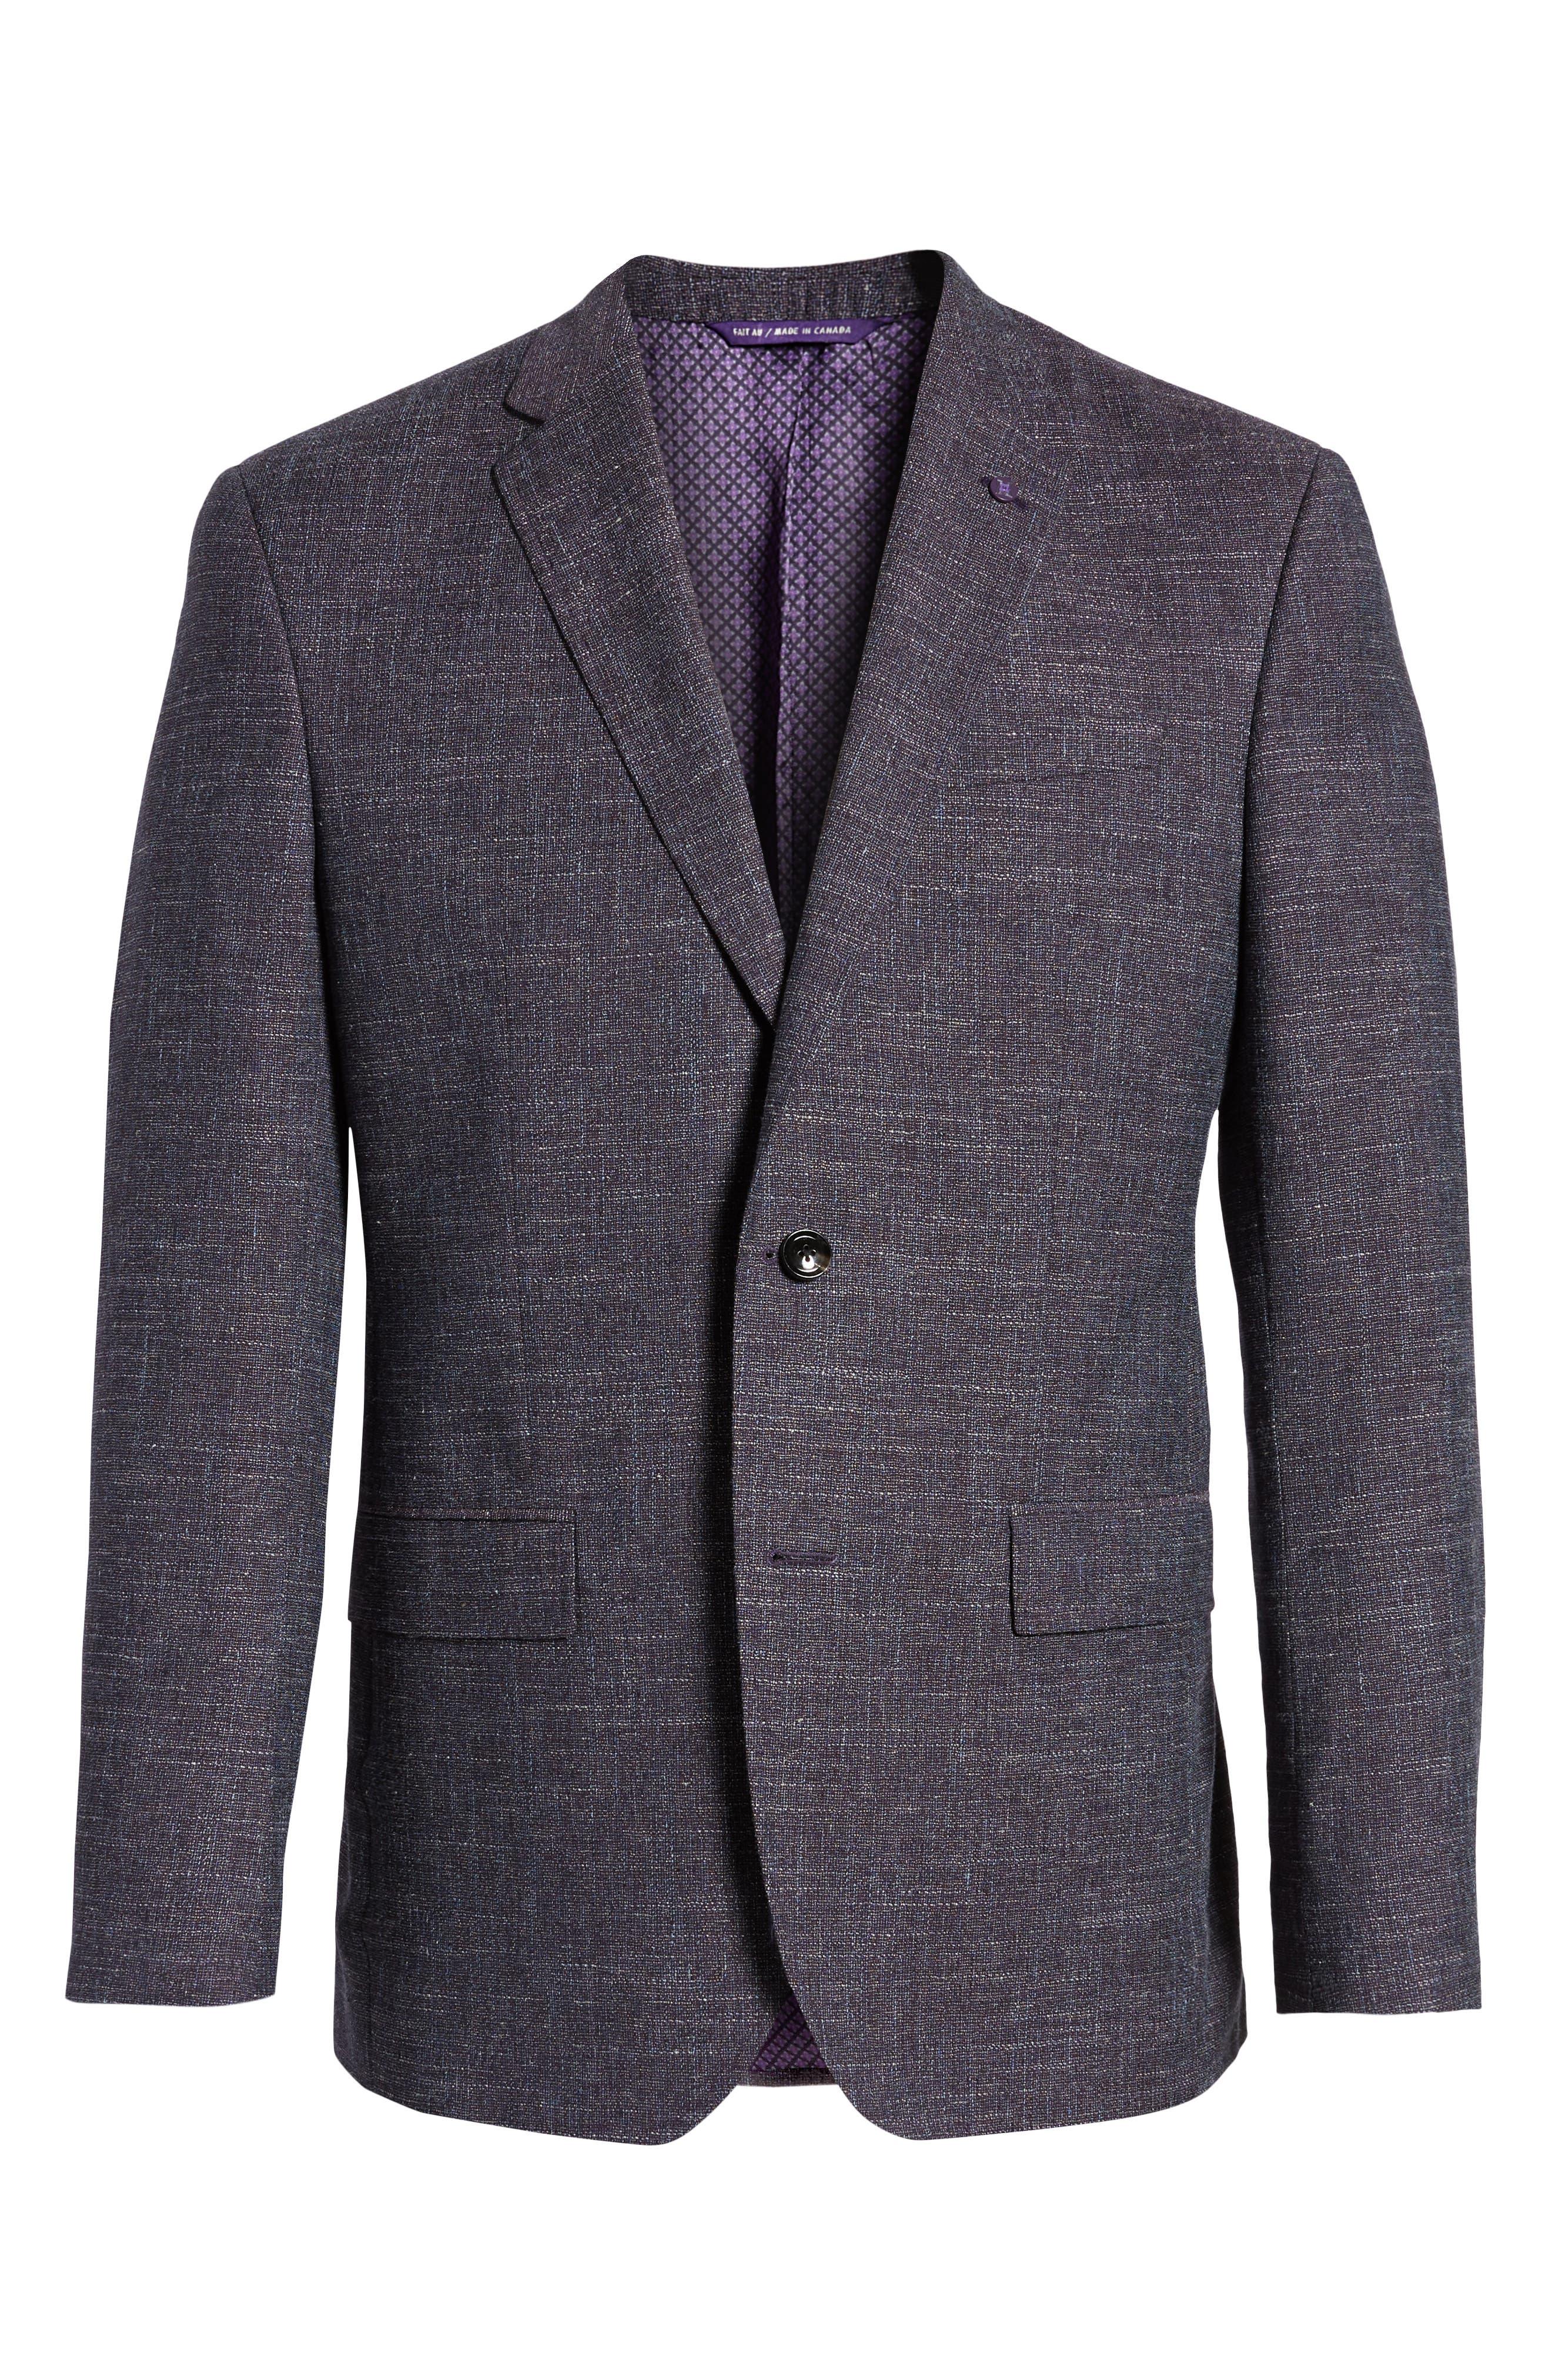 Jay Trim Fit Slubbed Wool, Cotton & Linen Sport Coat,                             Alternate thumbnail 6, color,                             Plum